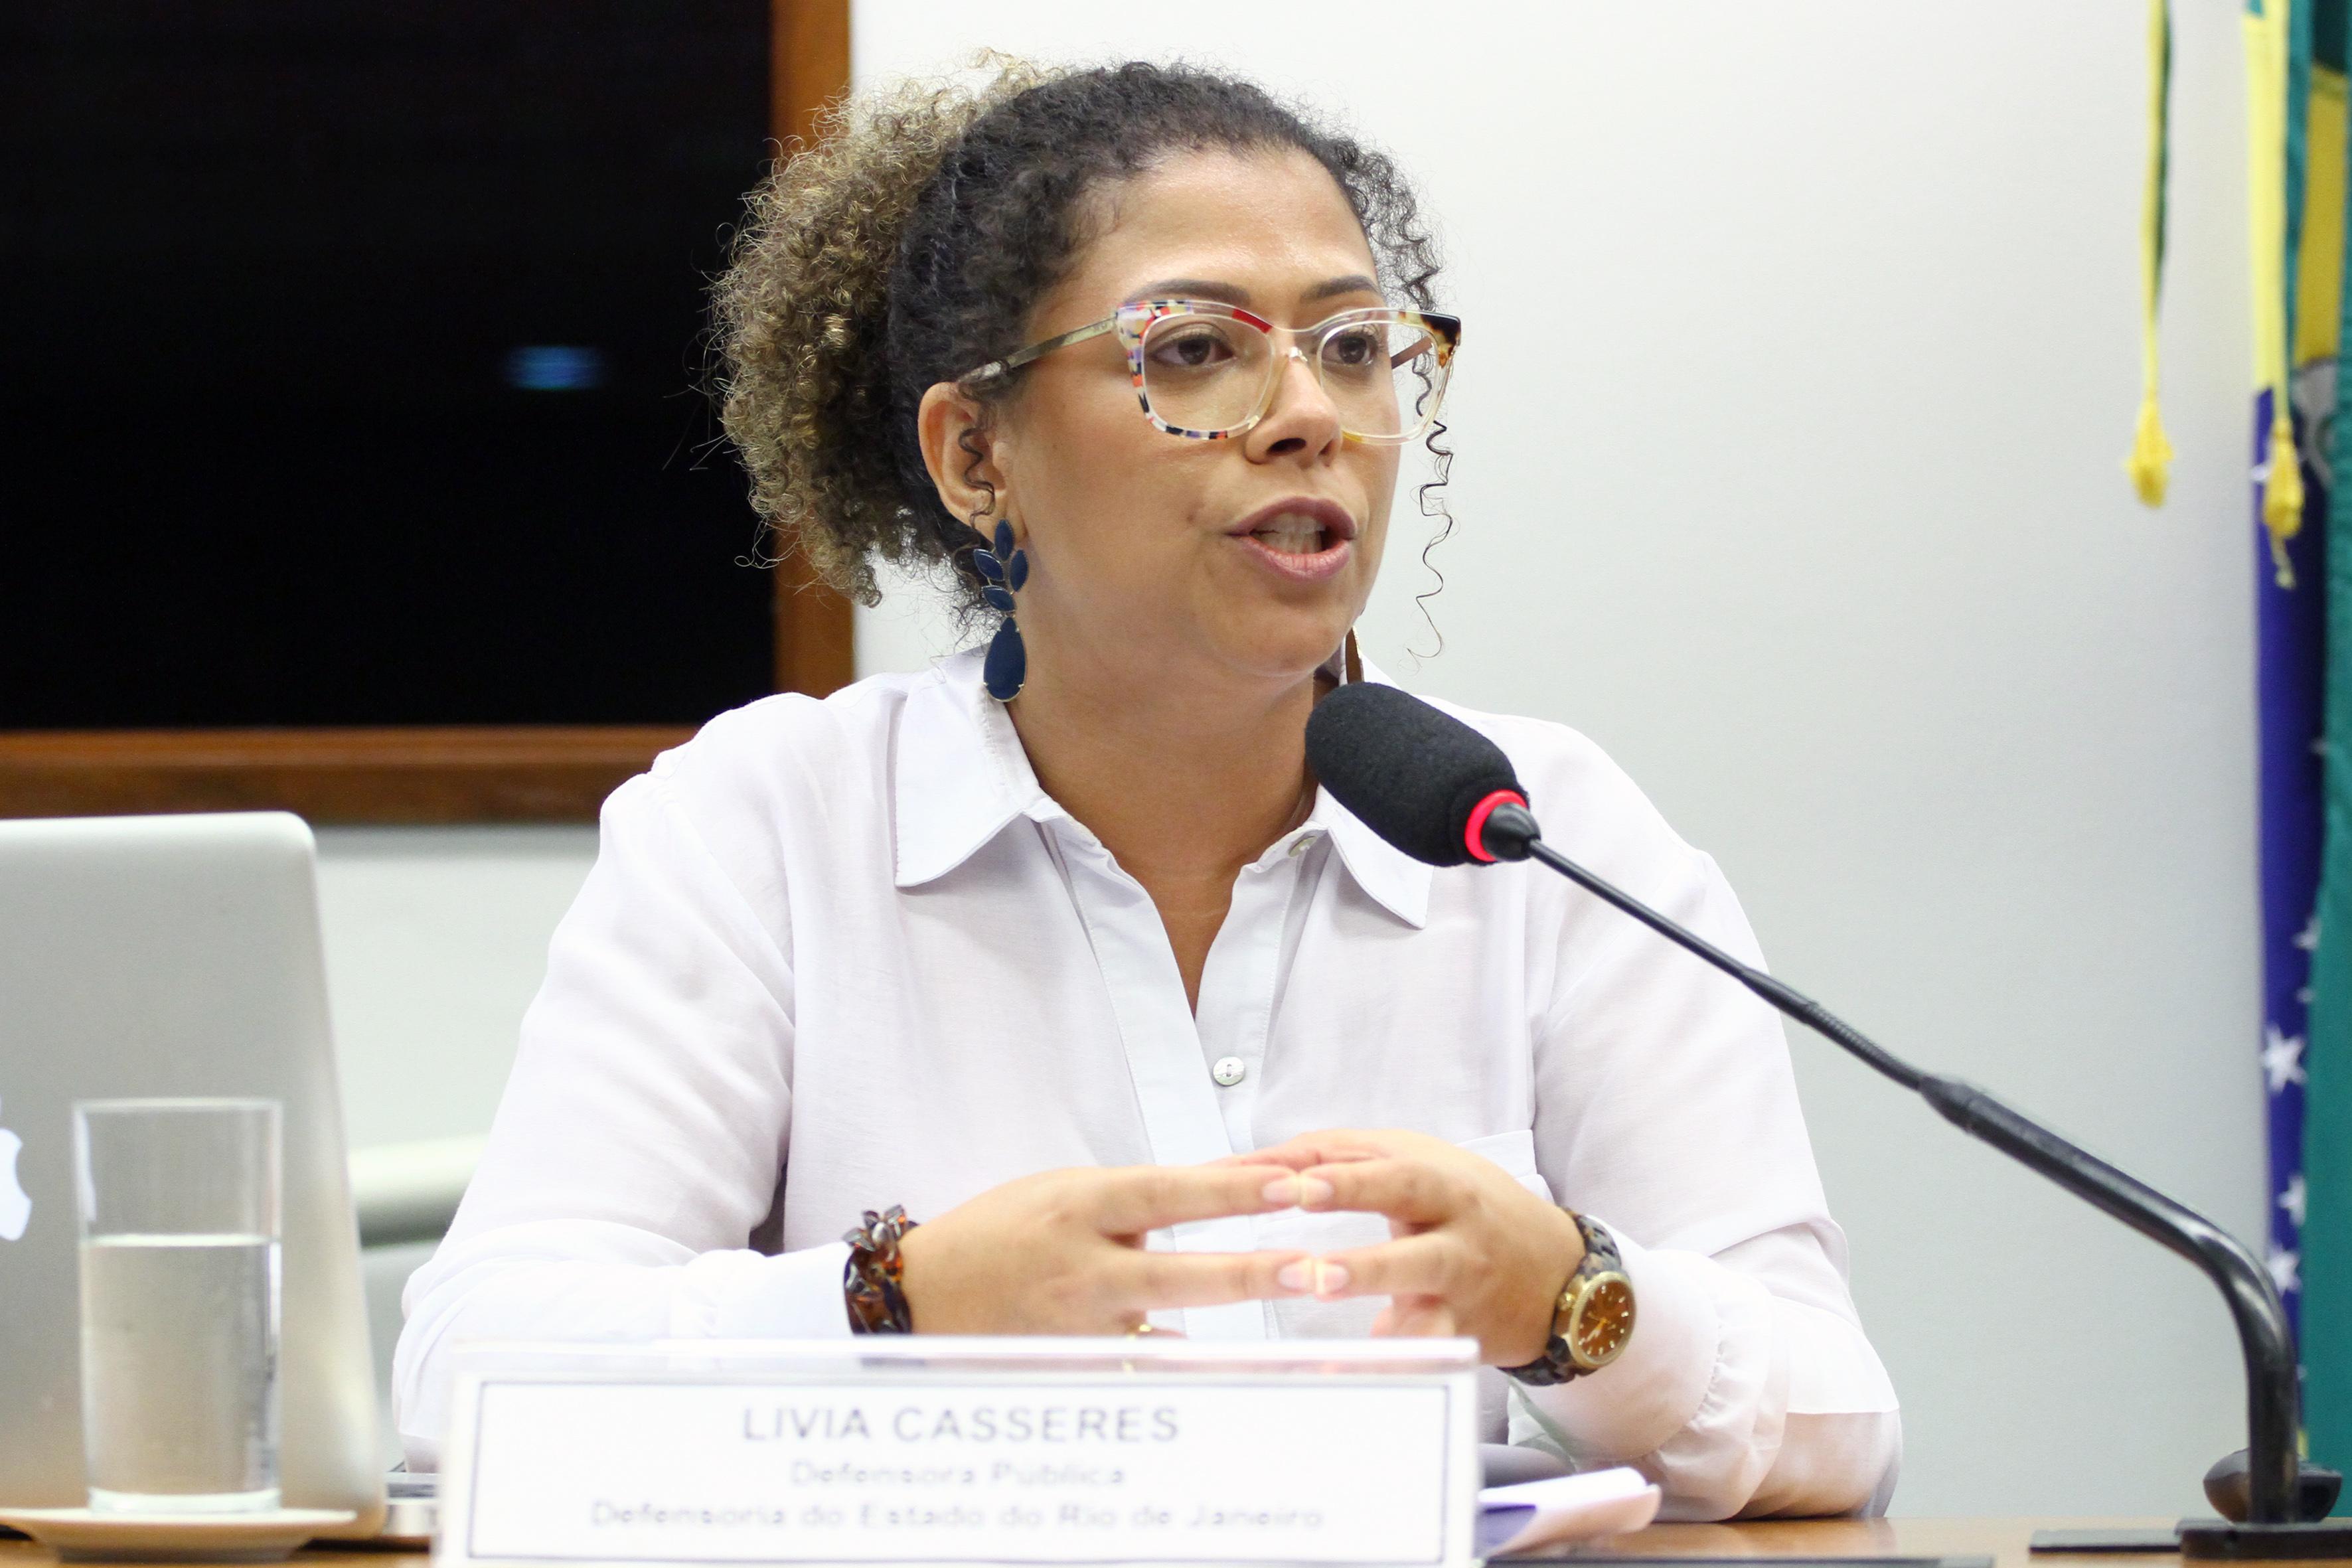 Audiência pública e reunião ordinária. Defensora Pública do Estado do Rio de Janeiro, LIVIA CASSERES